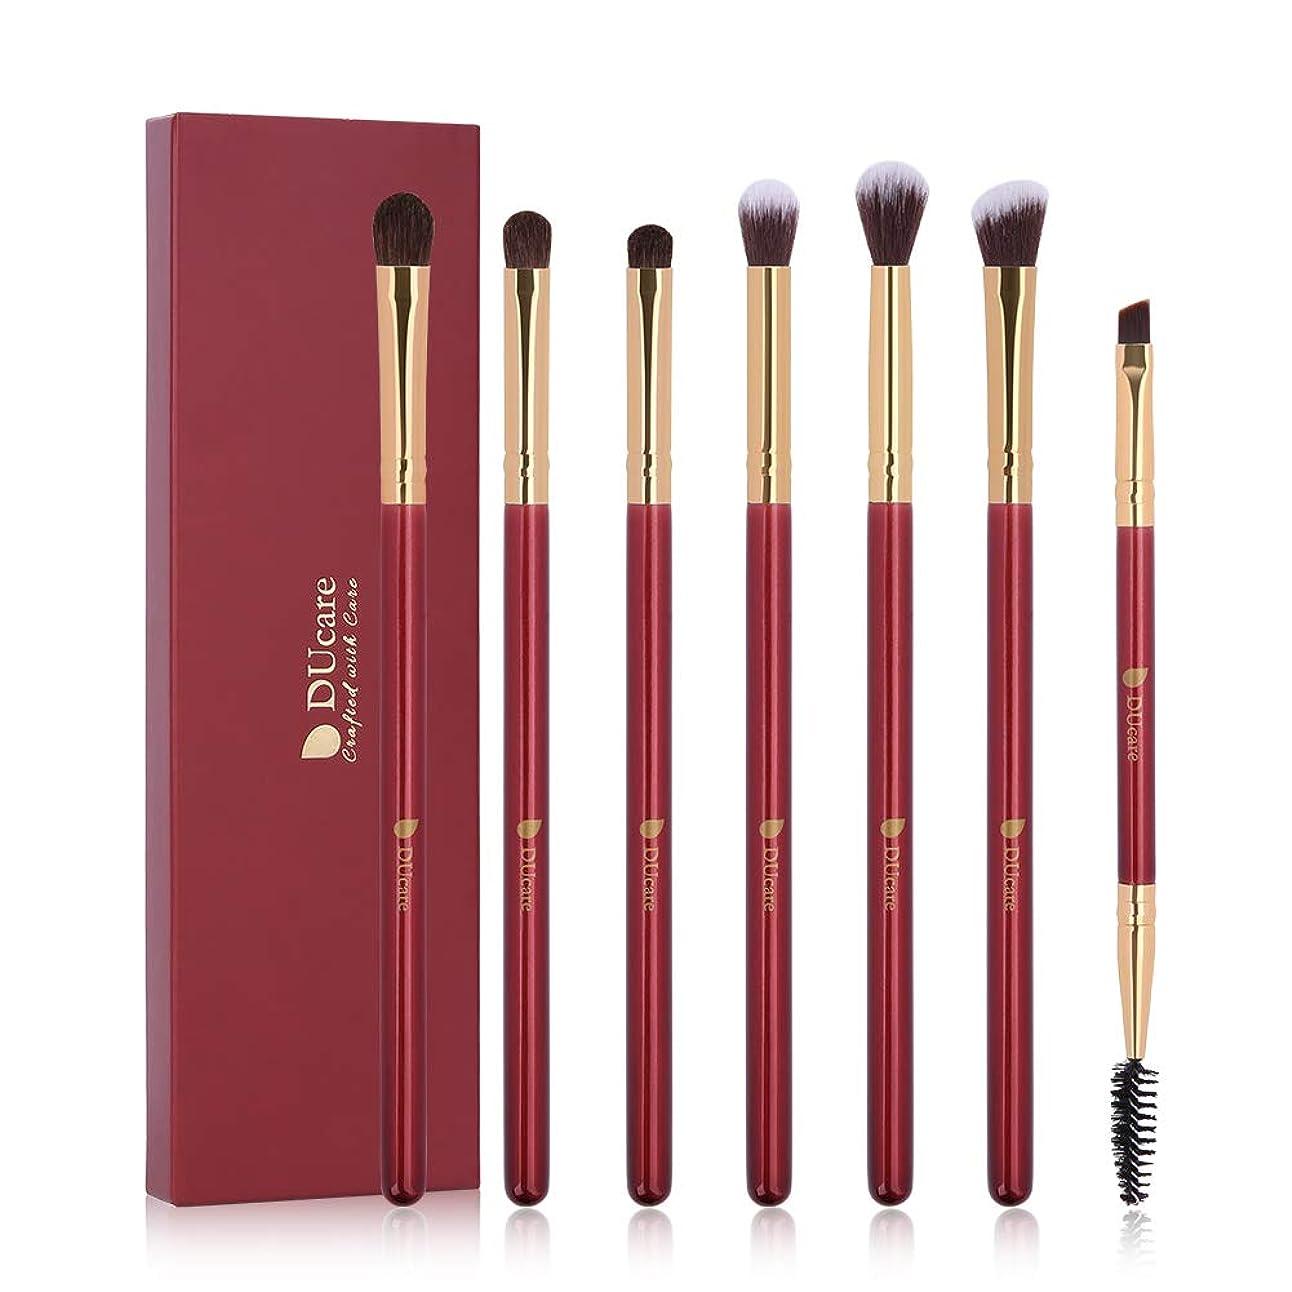 収束レンジ豊富なDUcare ドゥケア 化粧筆 プチプラアイシャドウブラシ 7本セット 高級天然毛を使用肌当たりも仕上がりも極上を実感